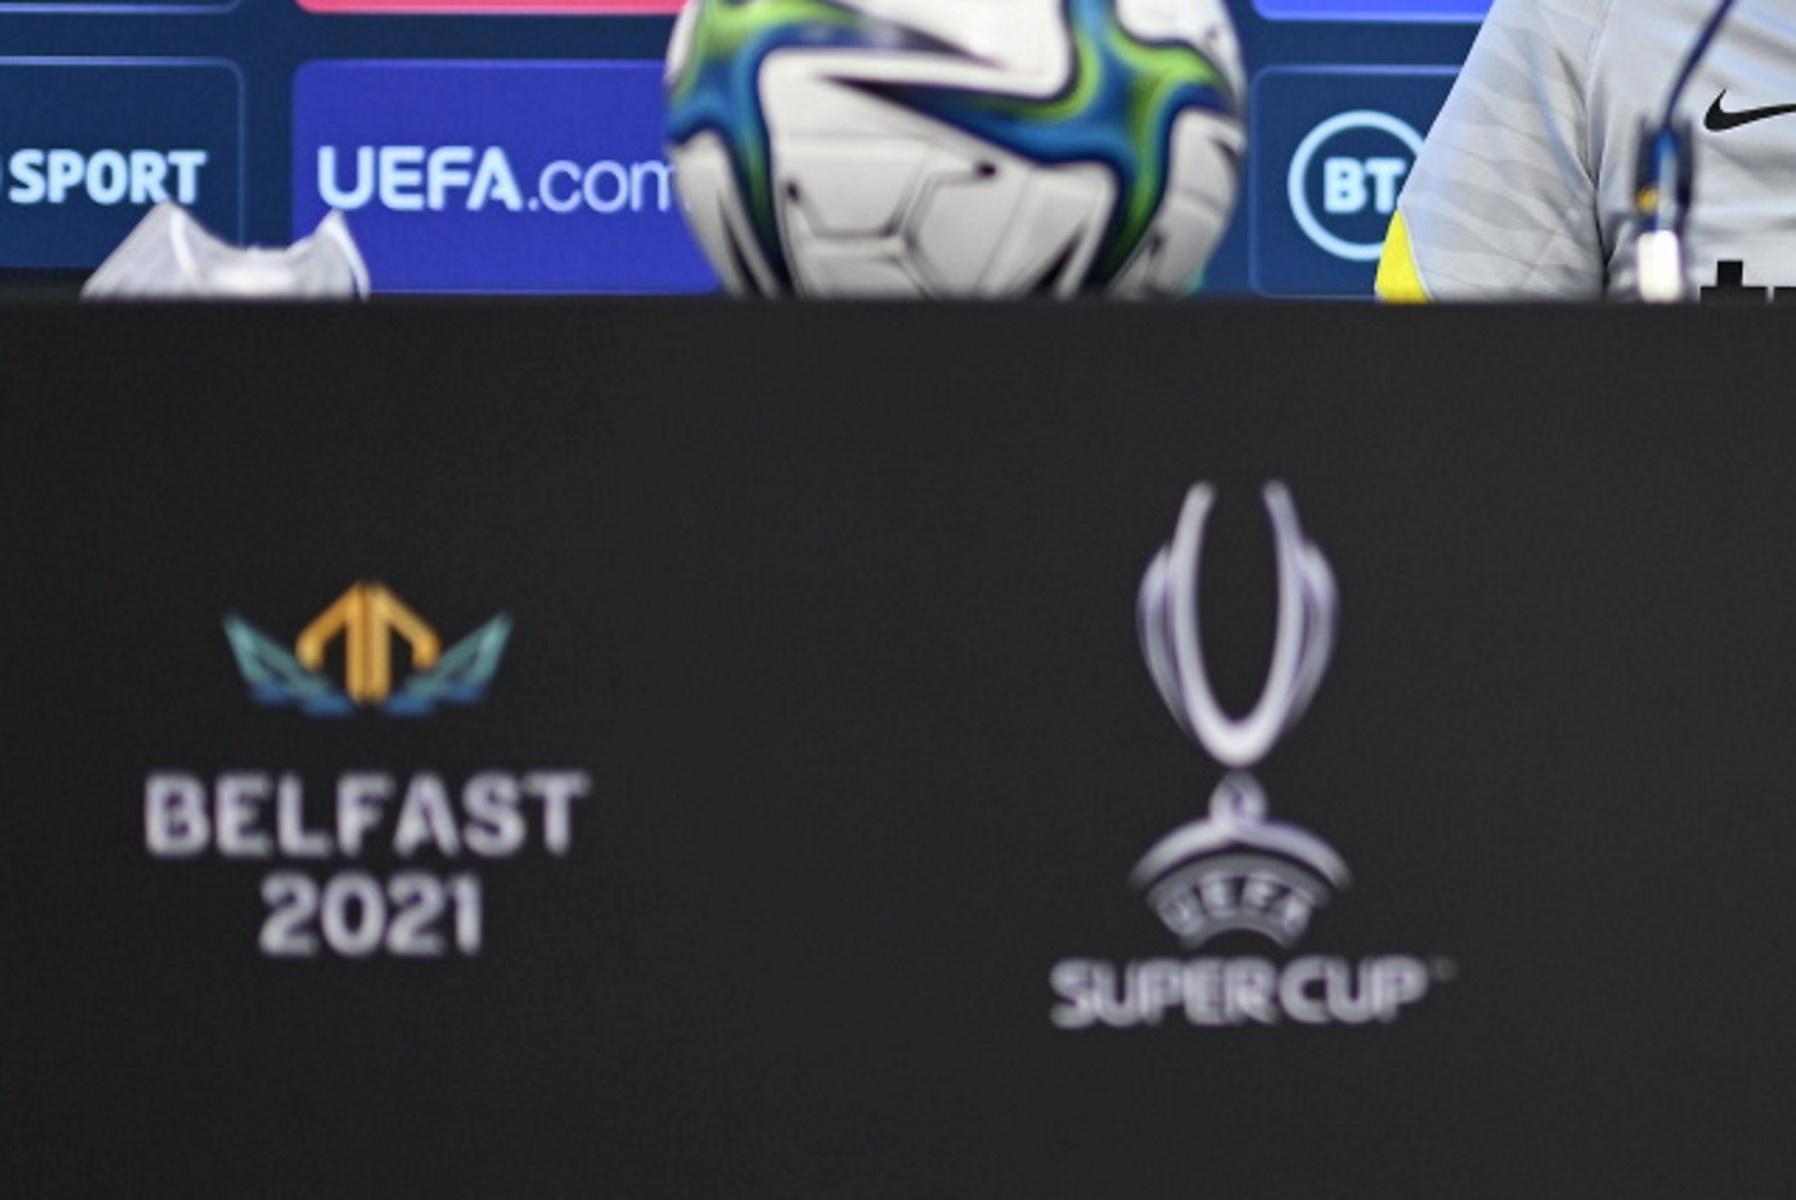 Αθλητικές μεταδόσεις με Τσέλσι – Βιγιαρεάλ για το UEFA Super Cup (11/08)